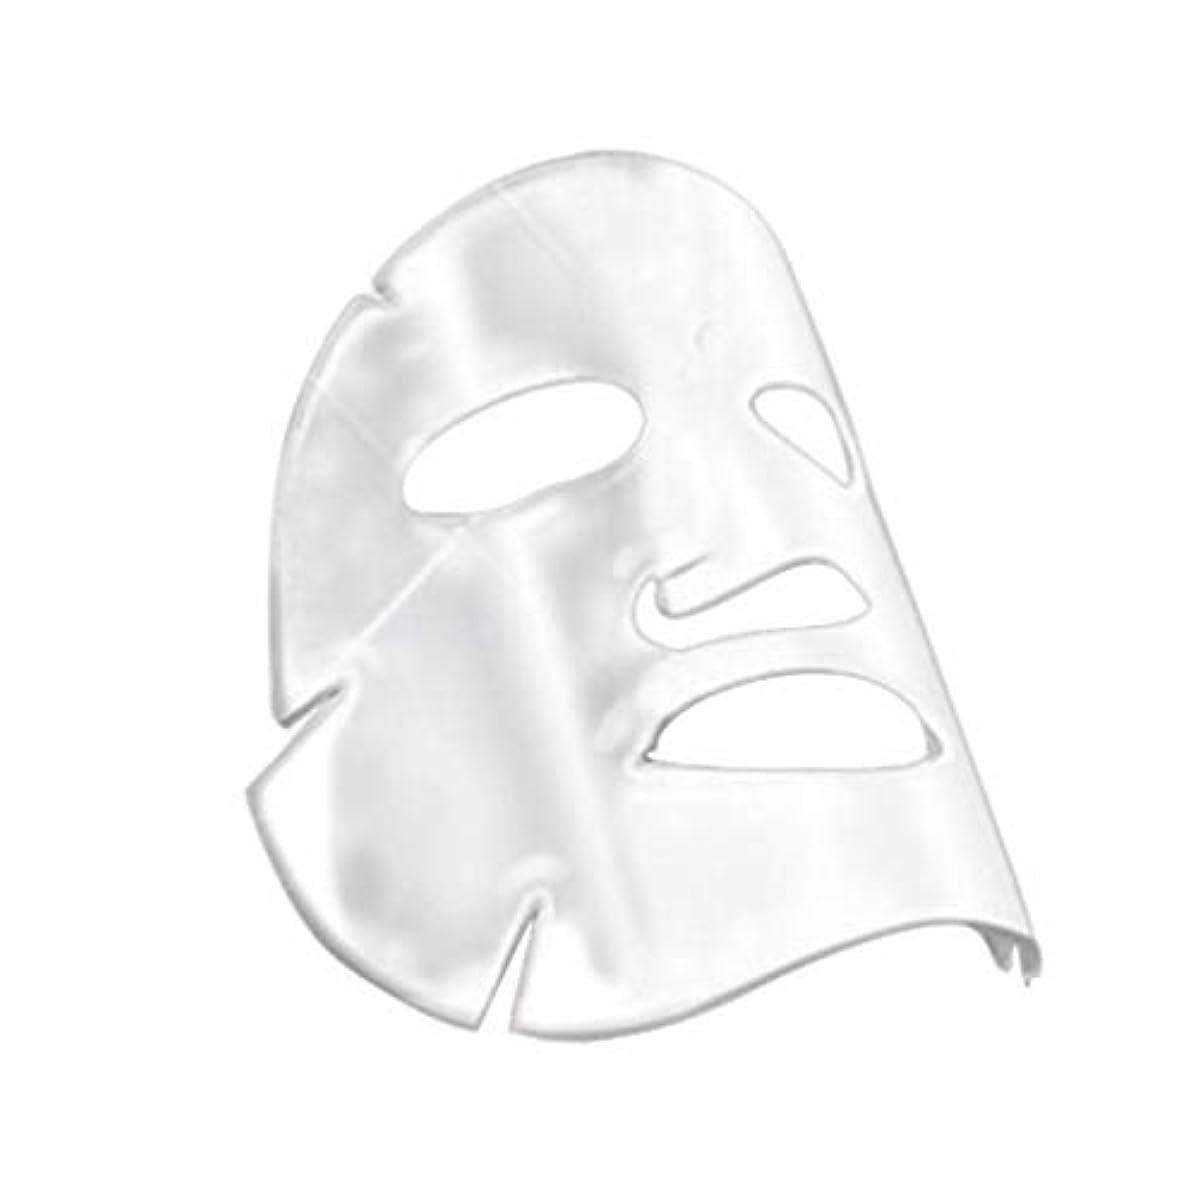 ジョイント信頼性その間Healifty フェイシャルマスク保湿水和バイオファイバークリーニング吸油フェイシャルマスクフェイスマスク